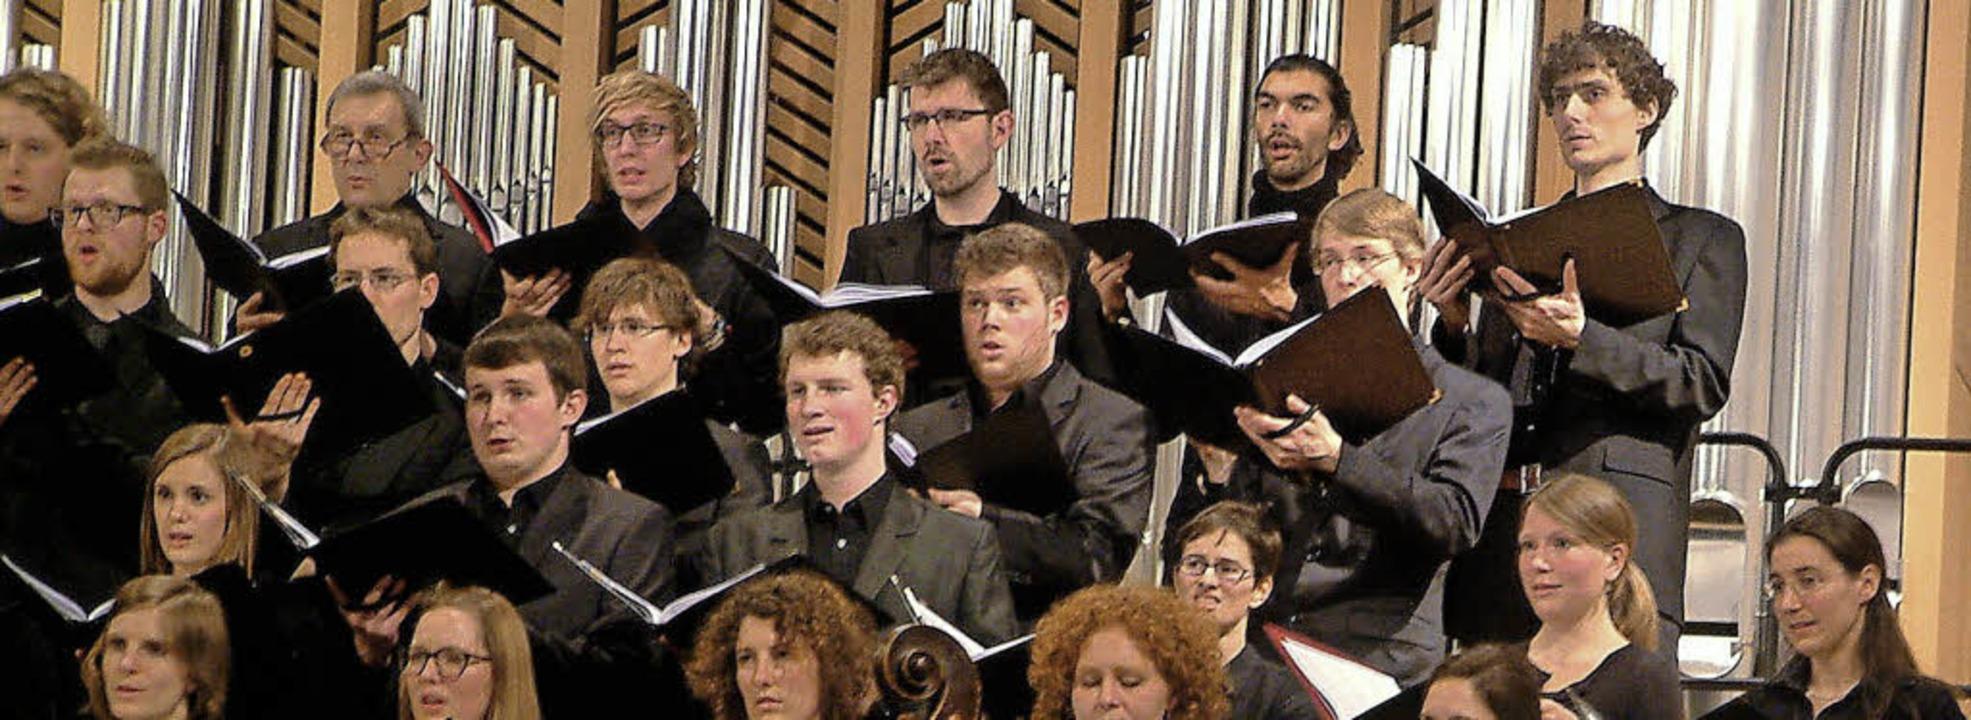 Die Evangelische Studentenkantorei Freiburg in Schopfheim   | Foto: Roswitha Frey